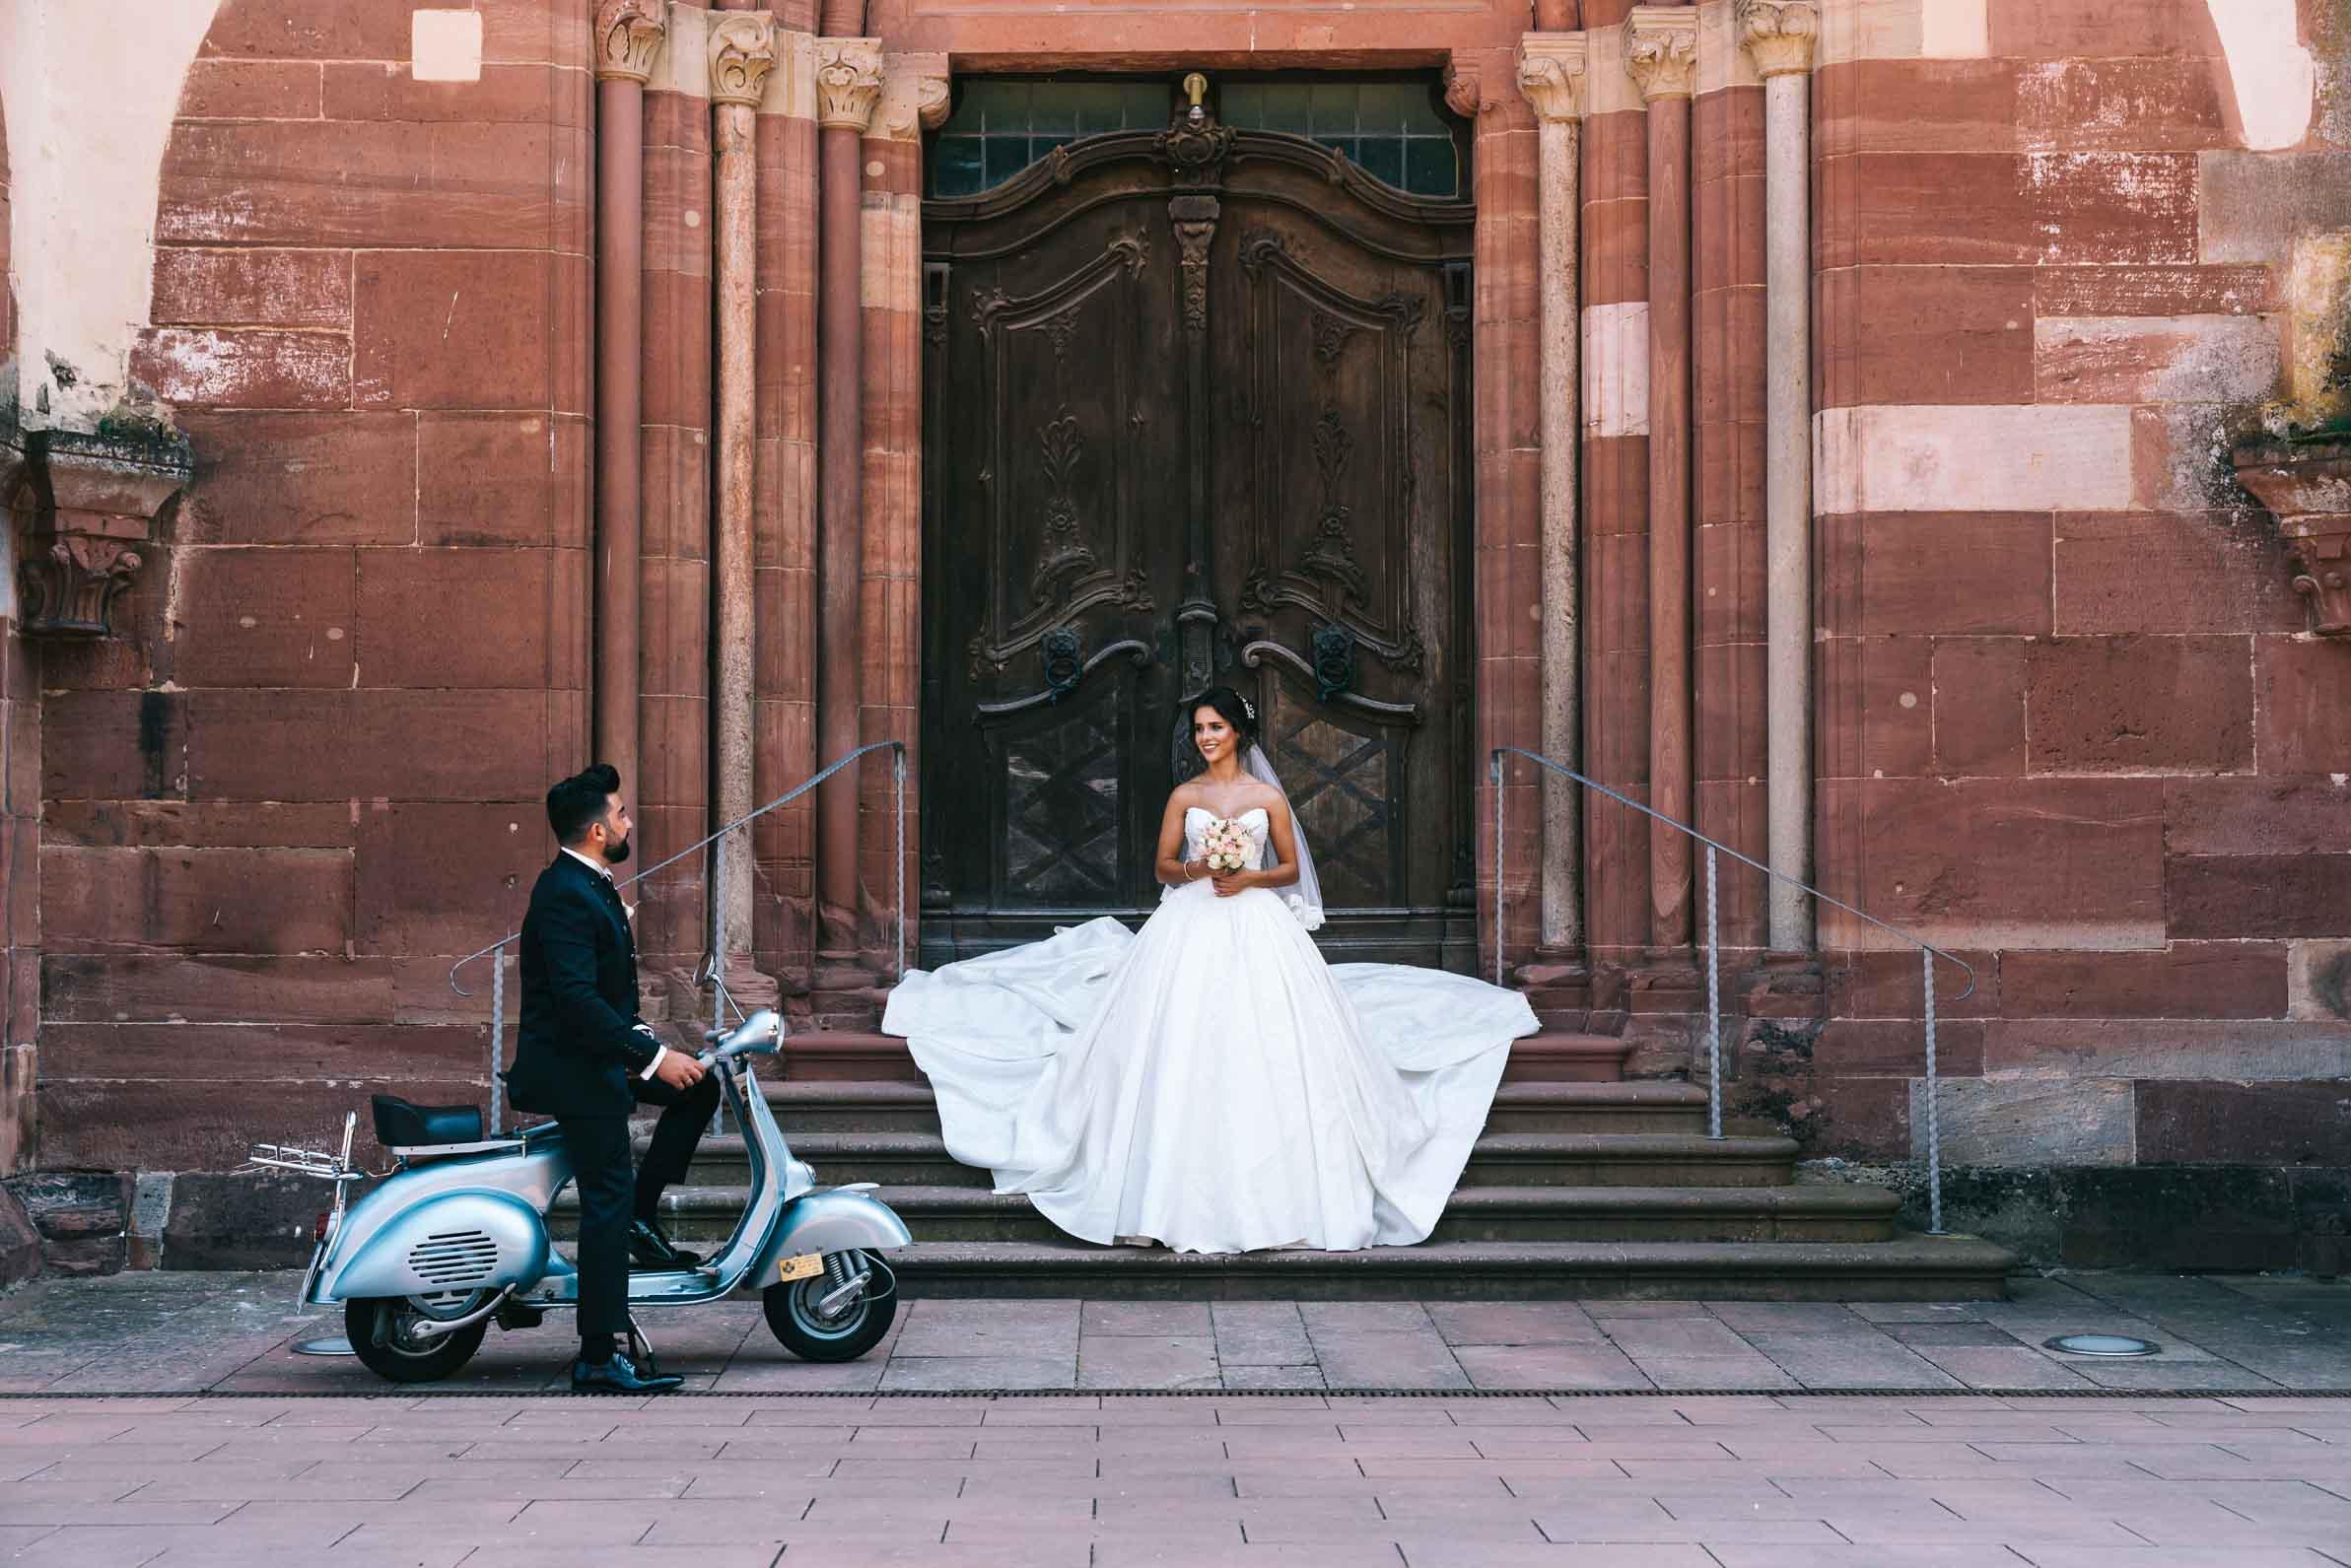 Der Bräutigam holt seine Braut mit einer blauen Vespa ab.